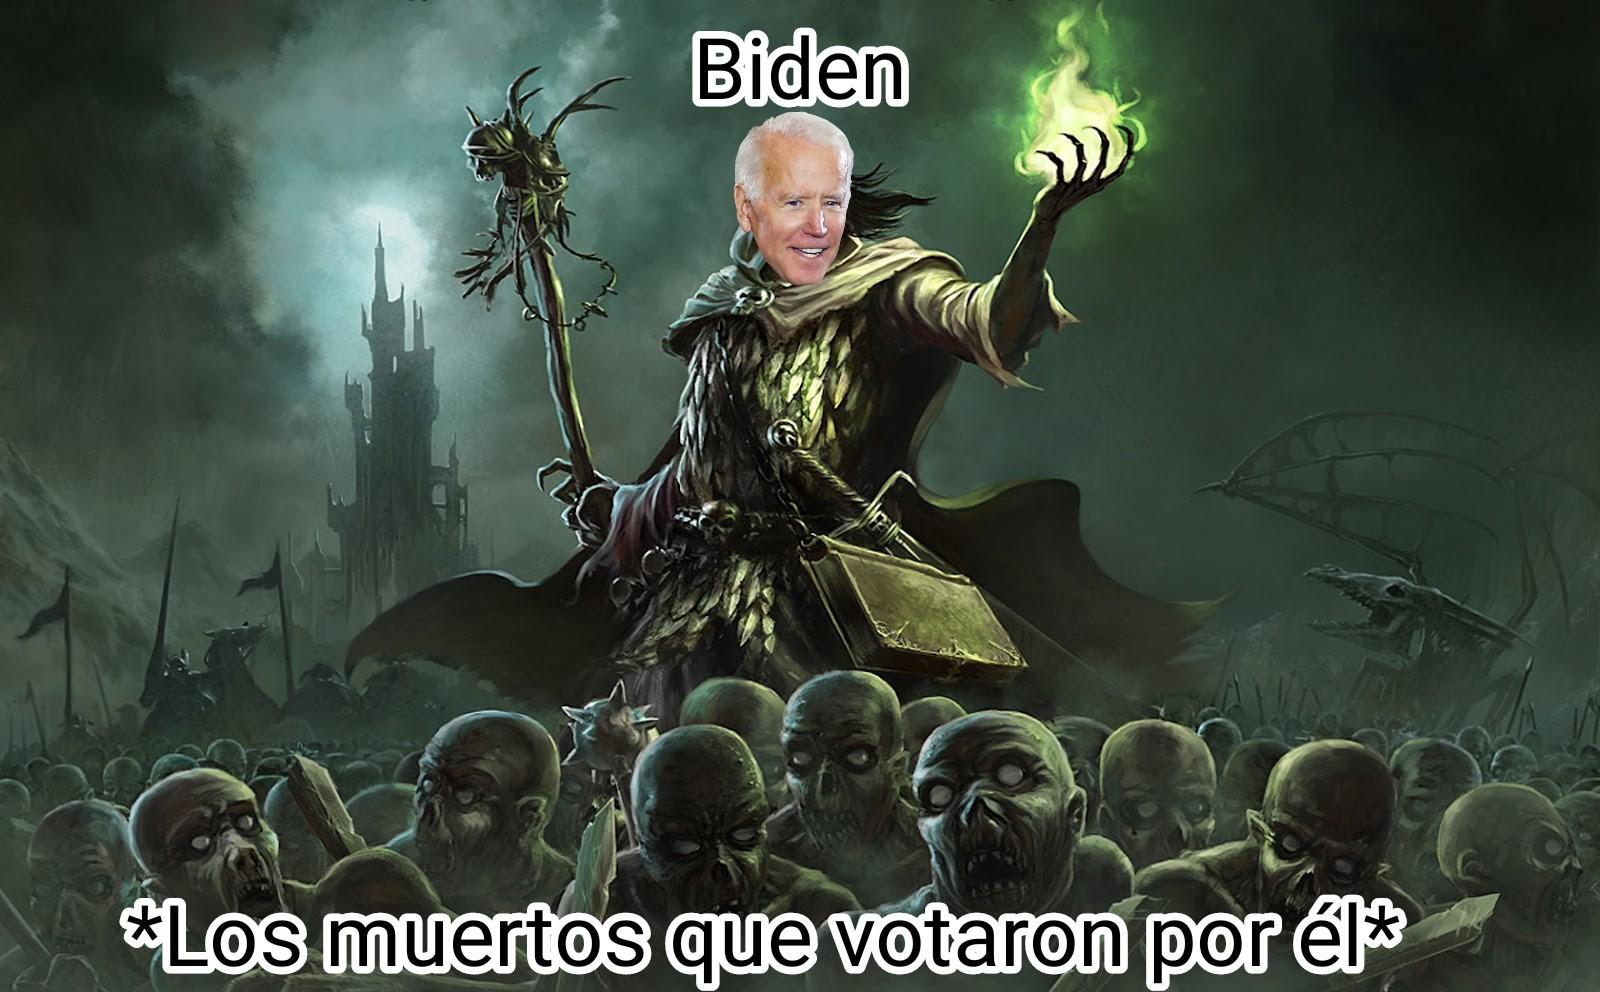 Se falsicaron votos usando muertos - meme